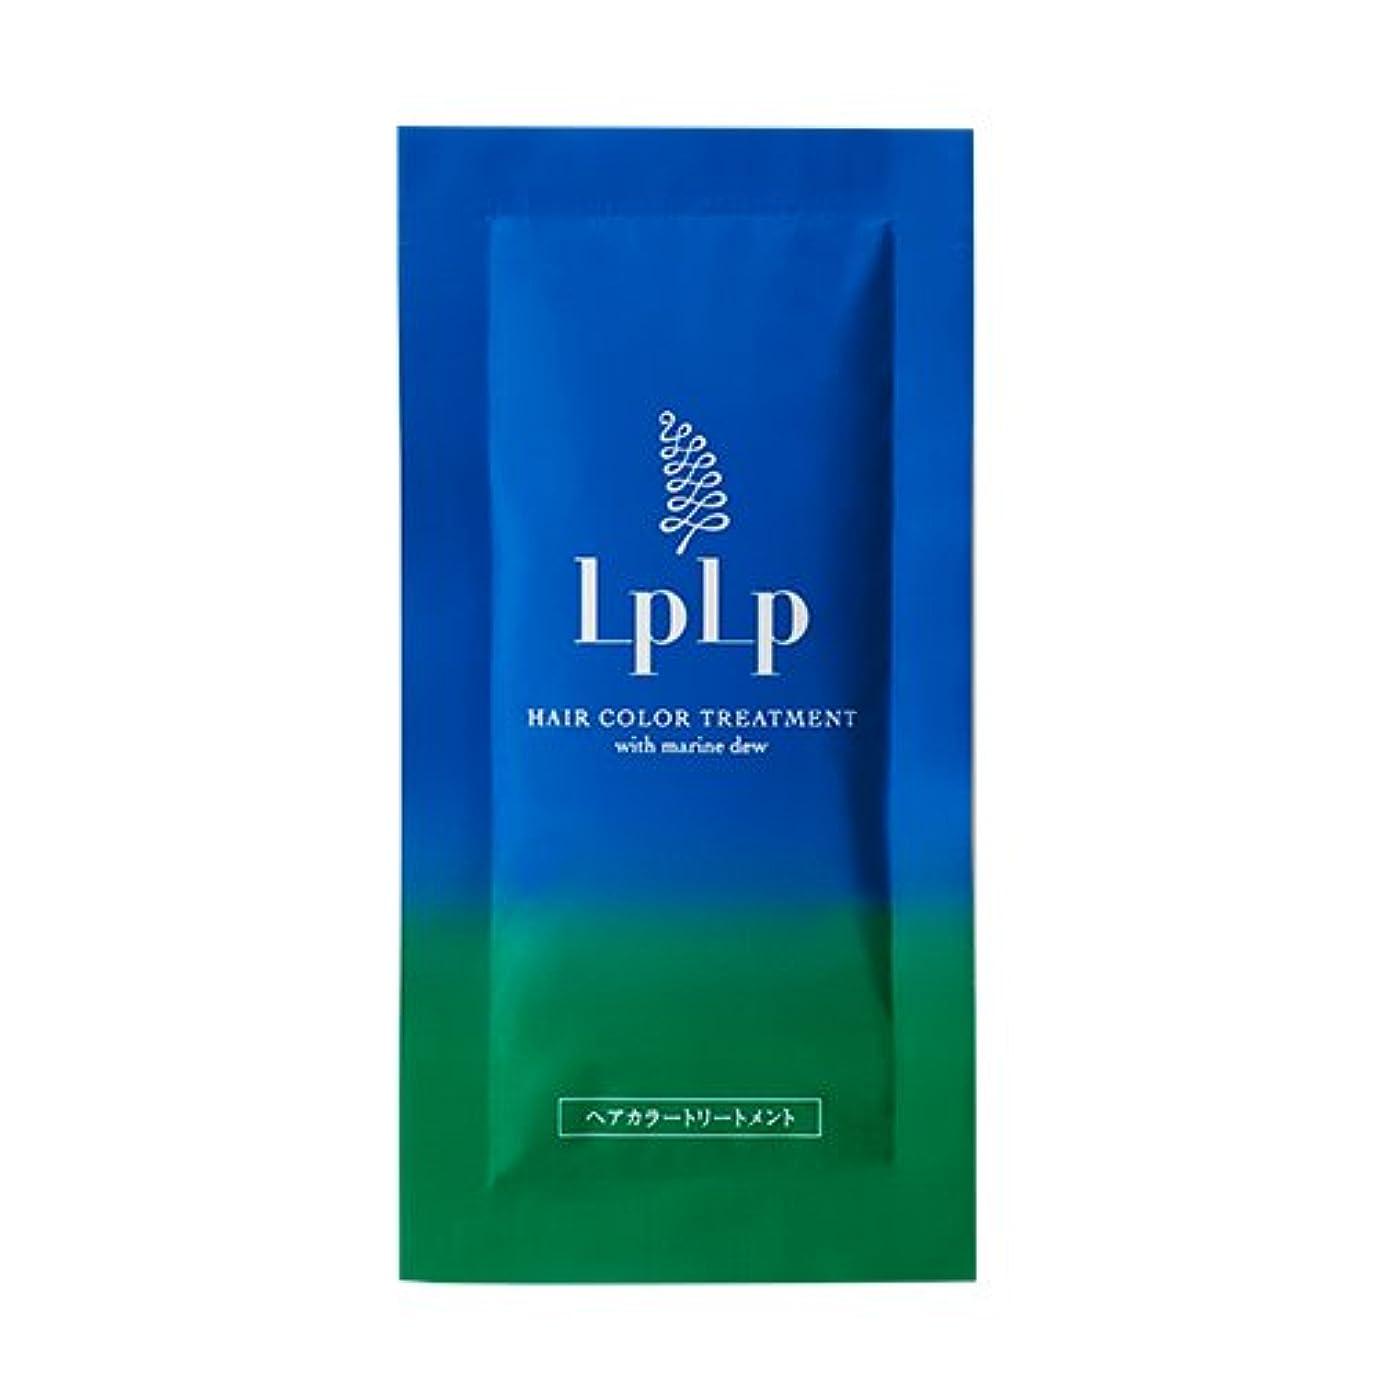 苗成り立つ努力するLPLP(ルプルプ)ヘアカラートリートメントお試しパウチ ブラウン